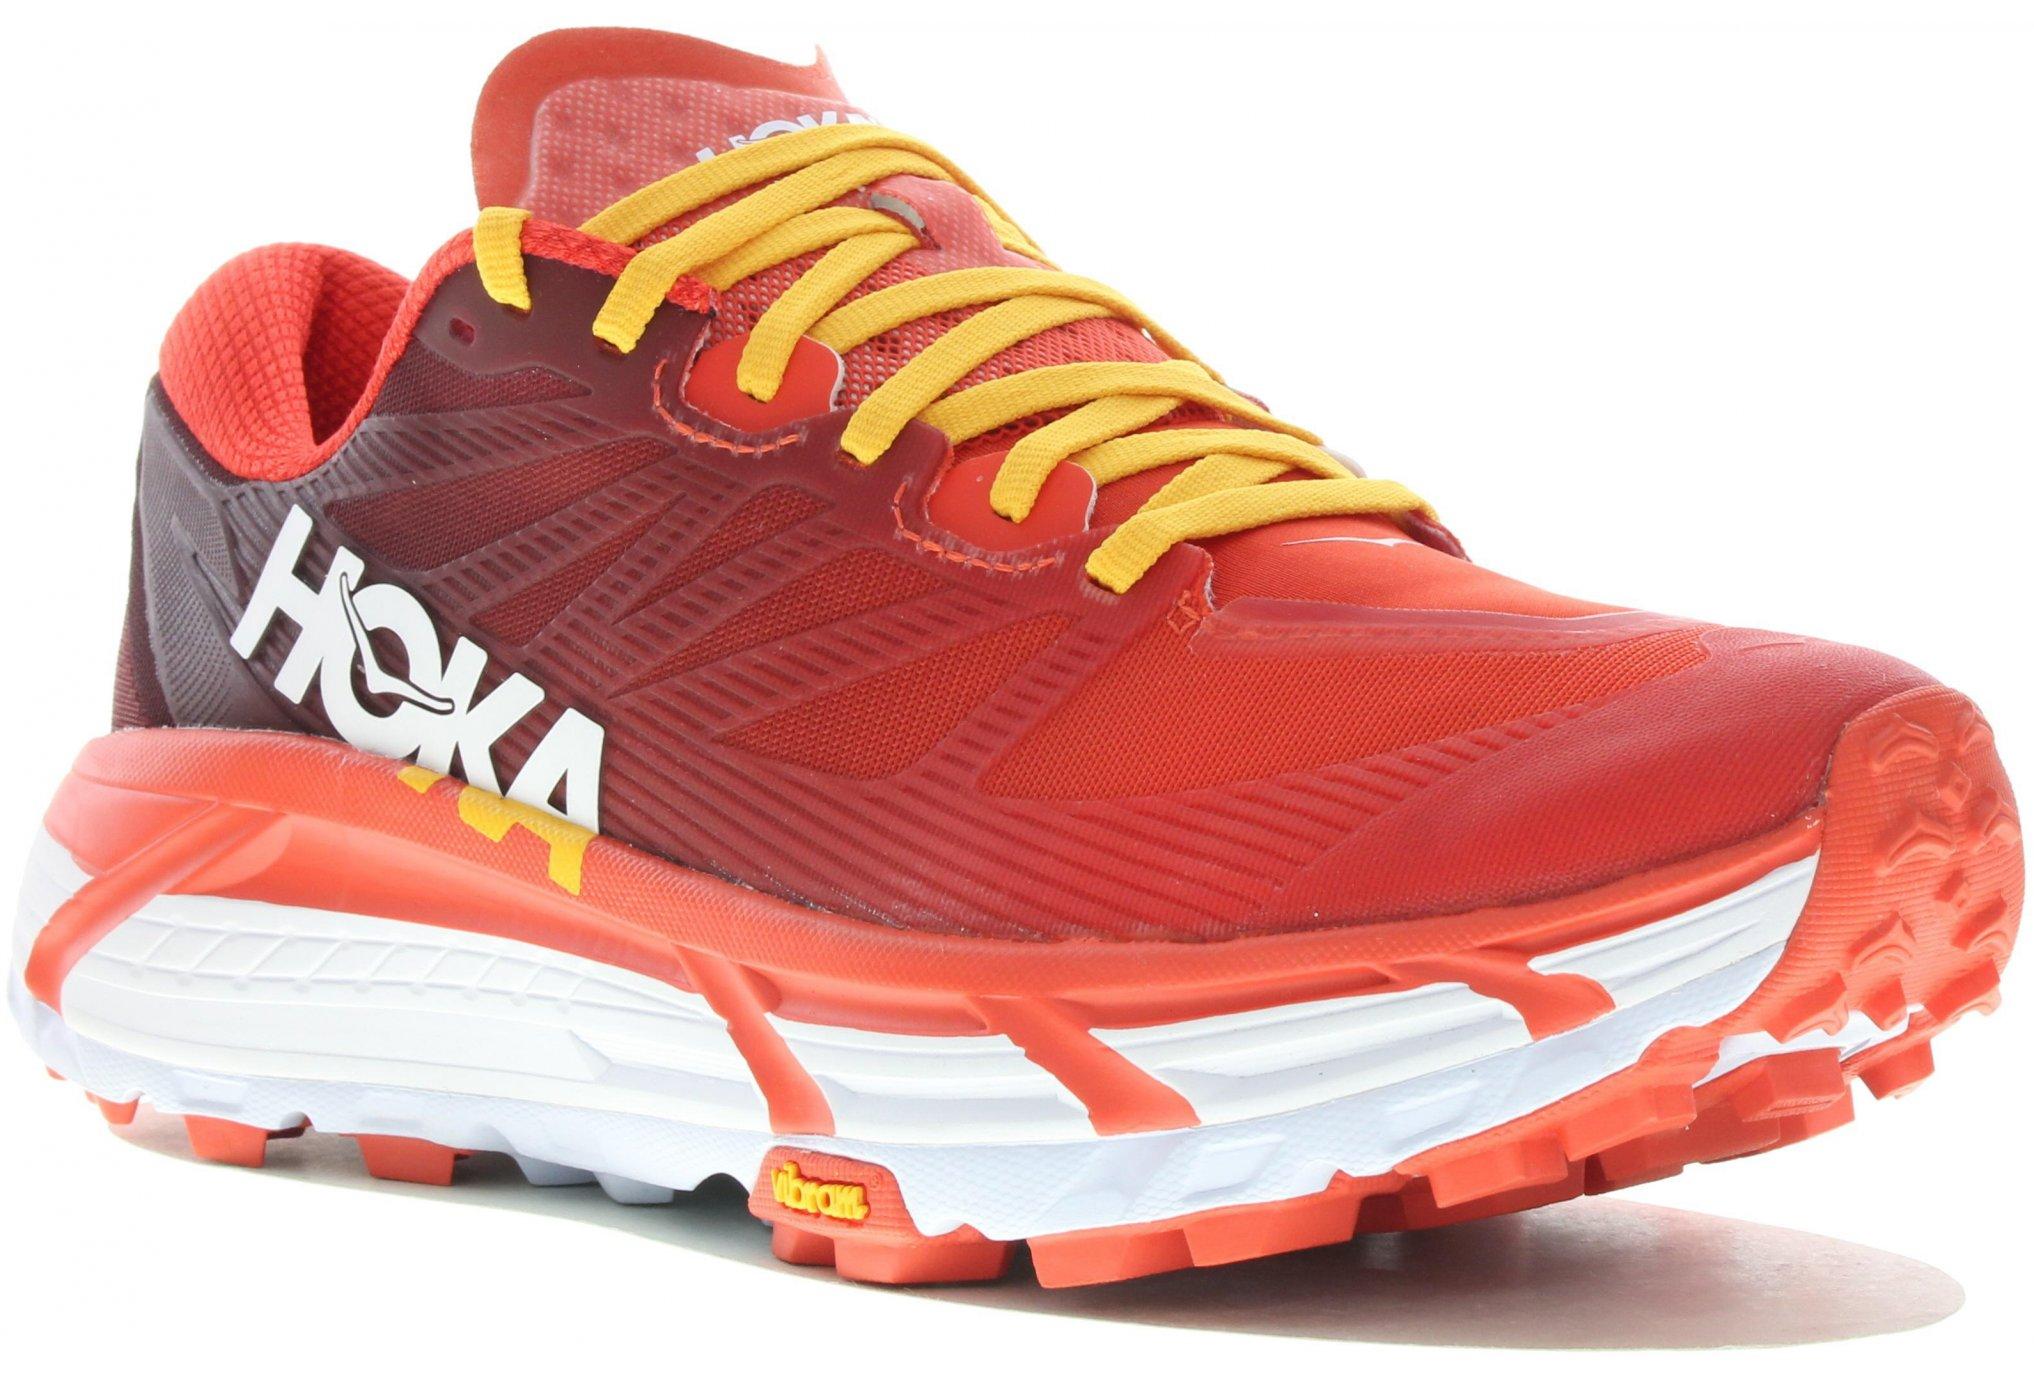 Hoka One One Mafate Speed 3 i-Run M Chaussures homme